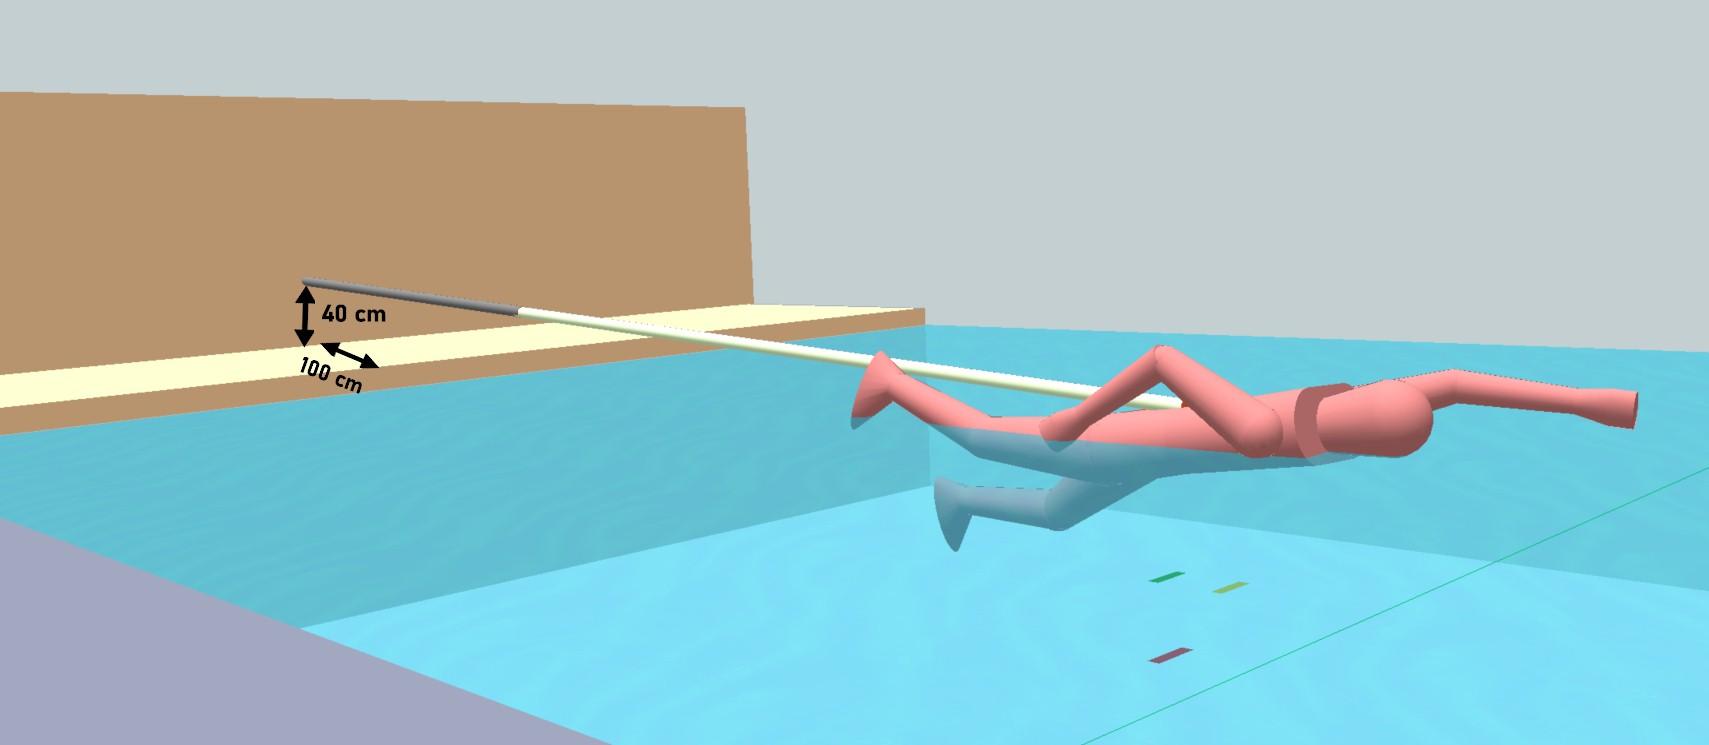 posição da fixação do cinto de natação na parede da piscina